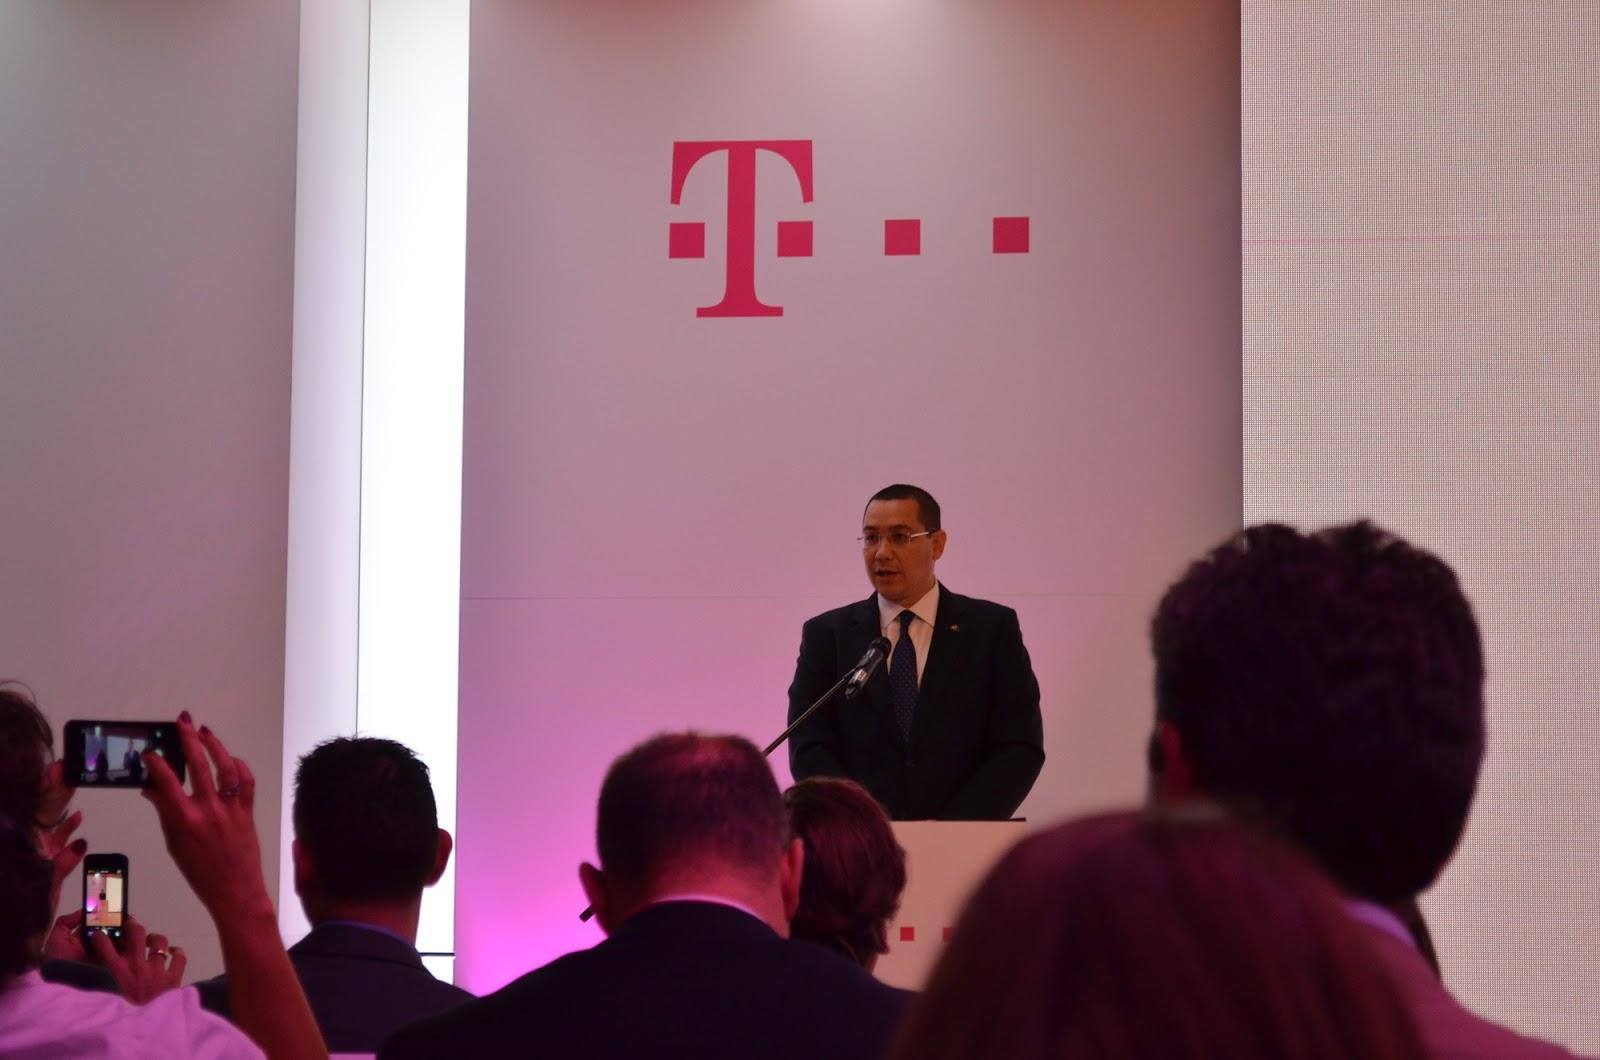 Telekom România debutează oficial pe plan local În cadrul unui eveniment plin de culoare la care iau parte și personalități din Guvern